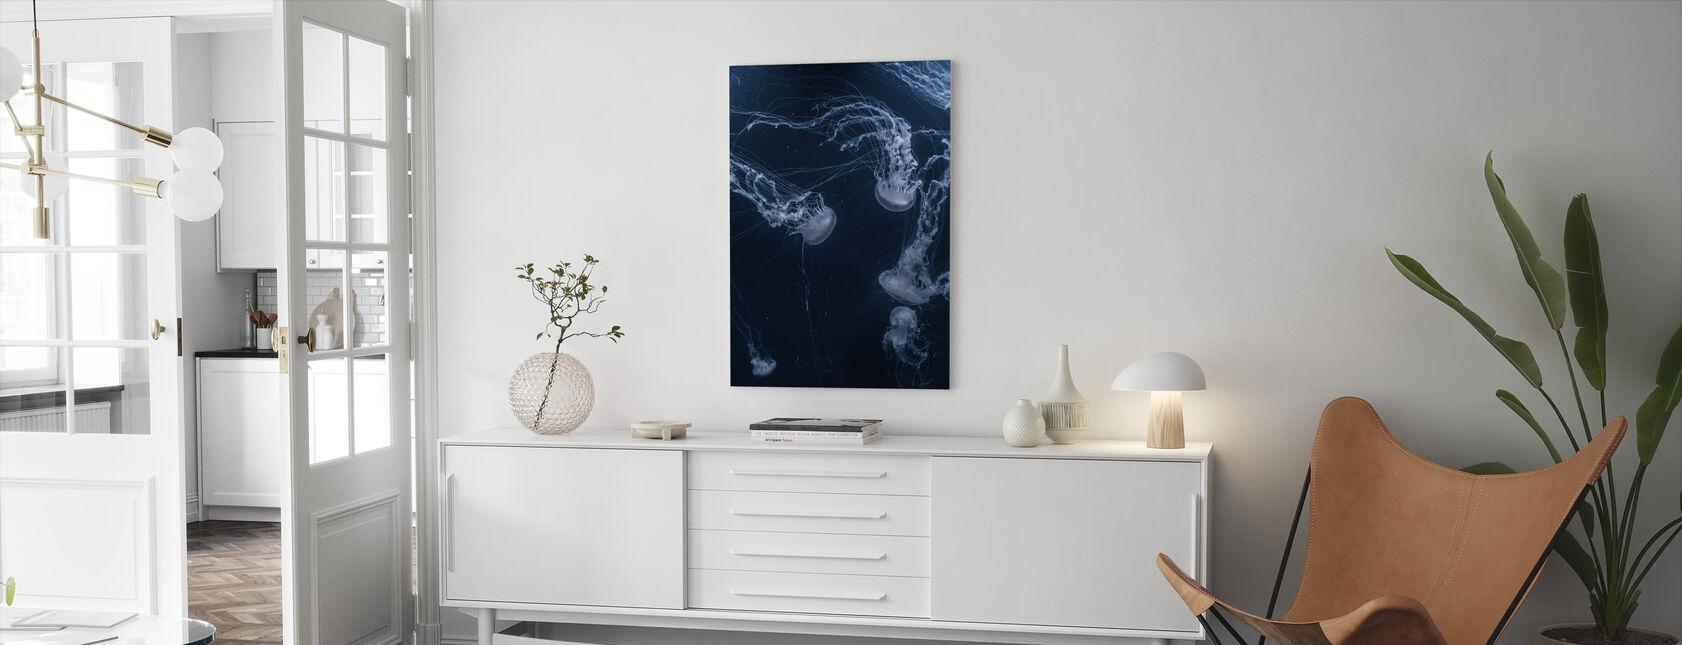 Weiße Qualle - Leinwandbild - Wohnzimmer